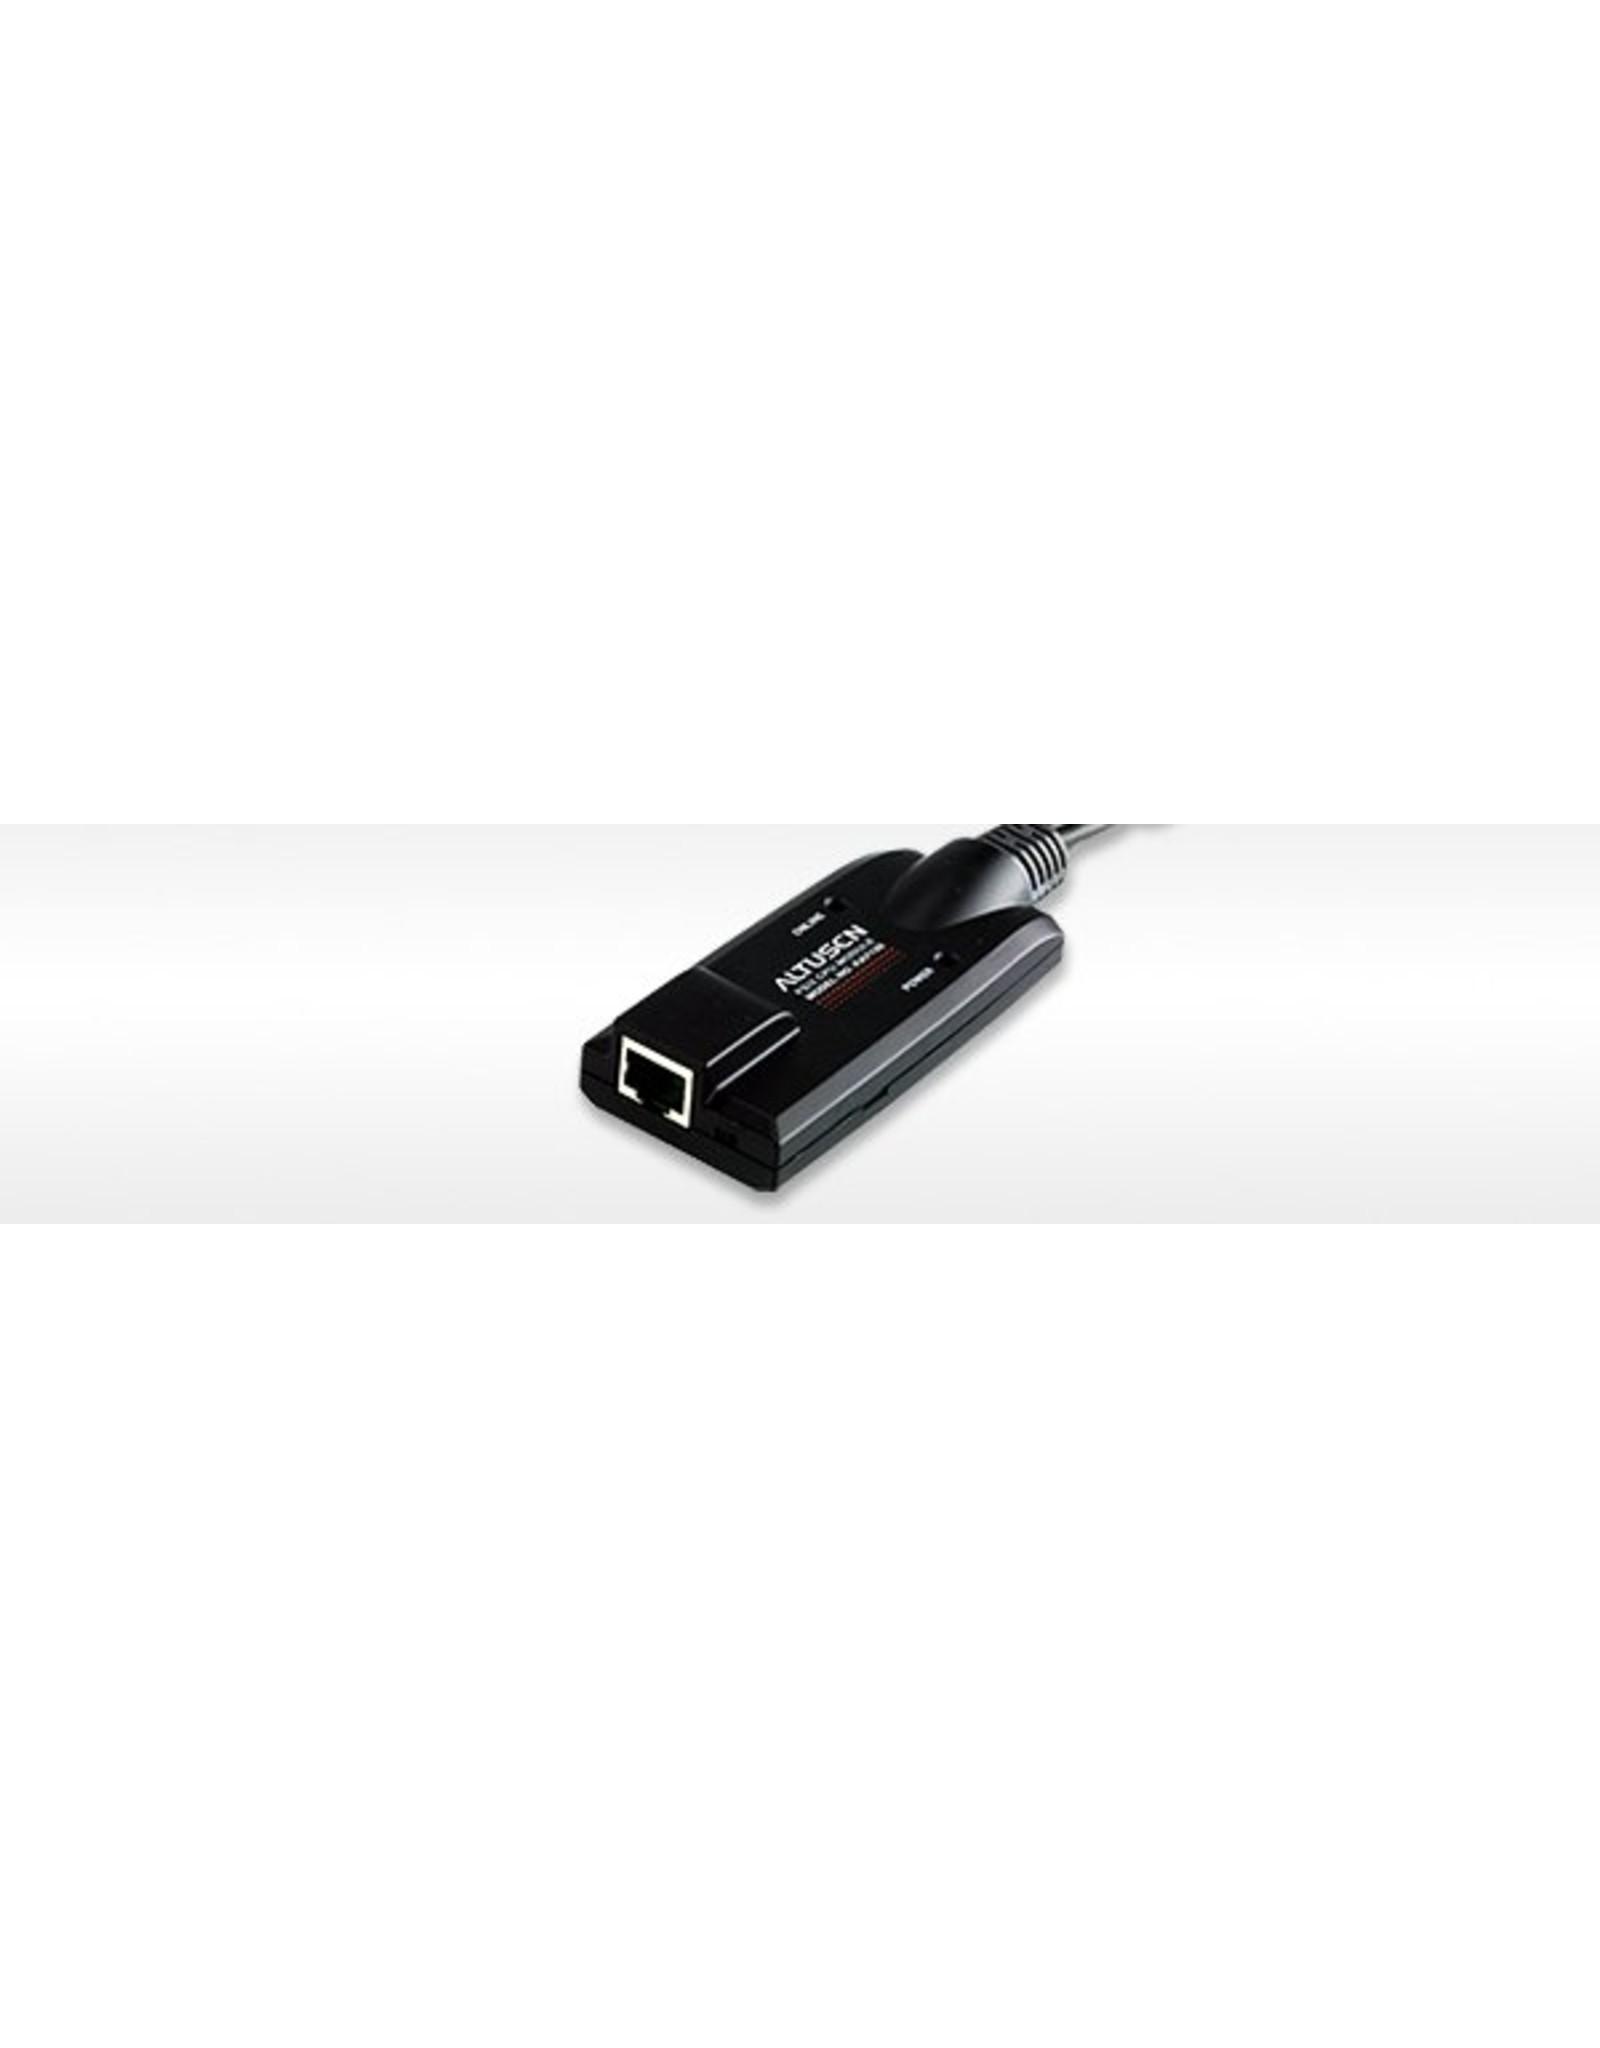 Aten Aten KA7170 toetsenbord-video-muis (kvm) kabel